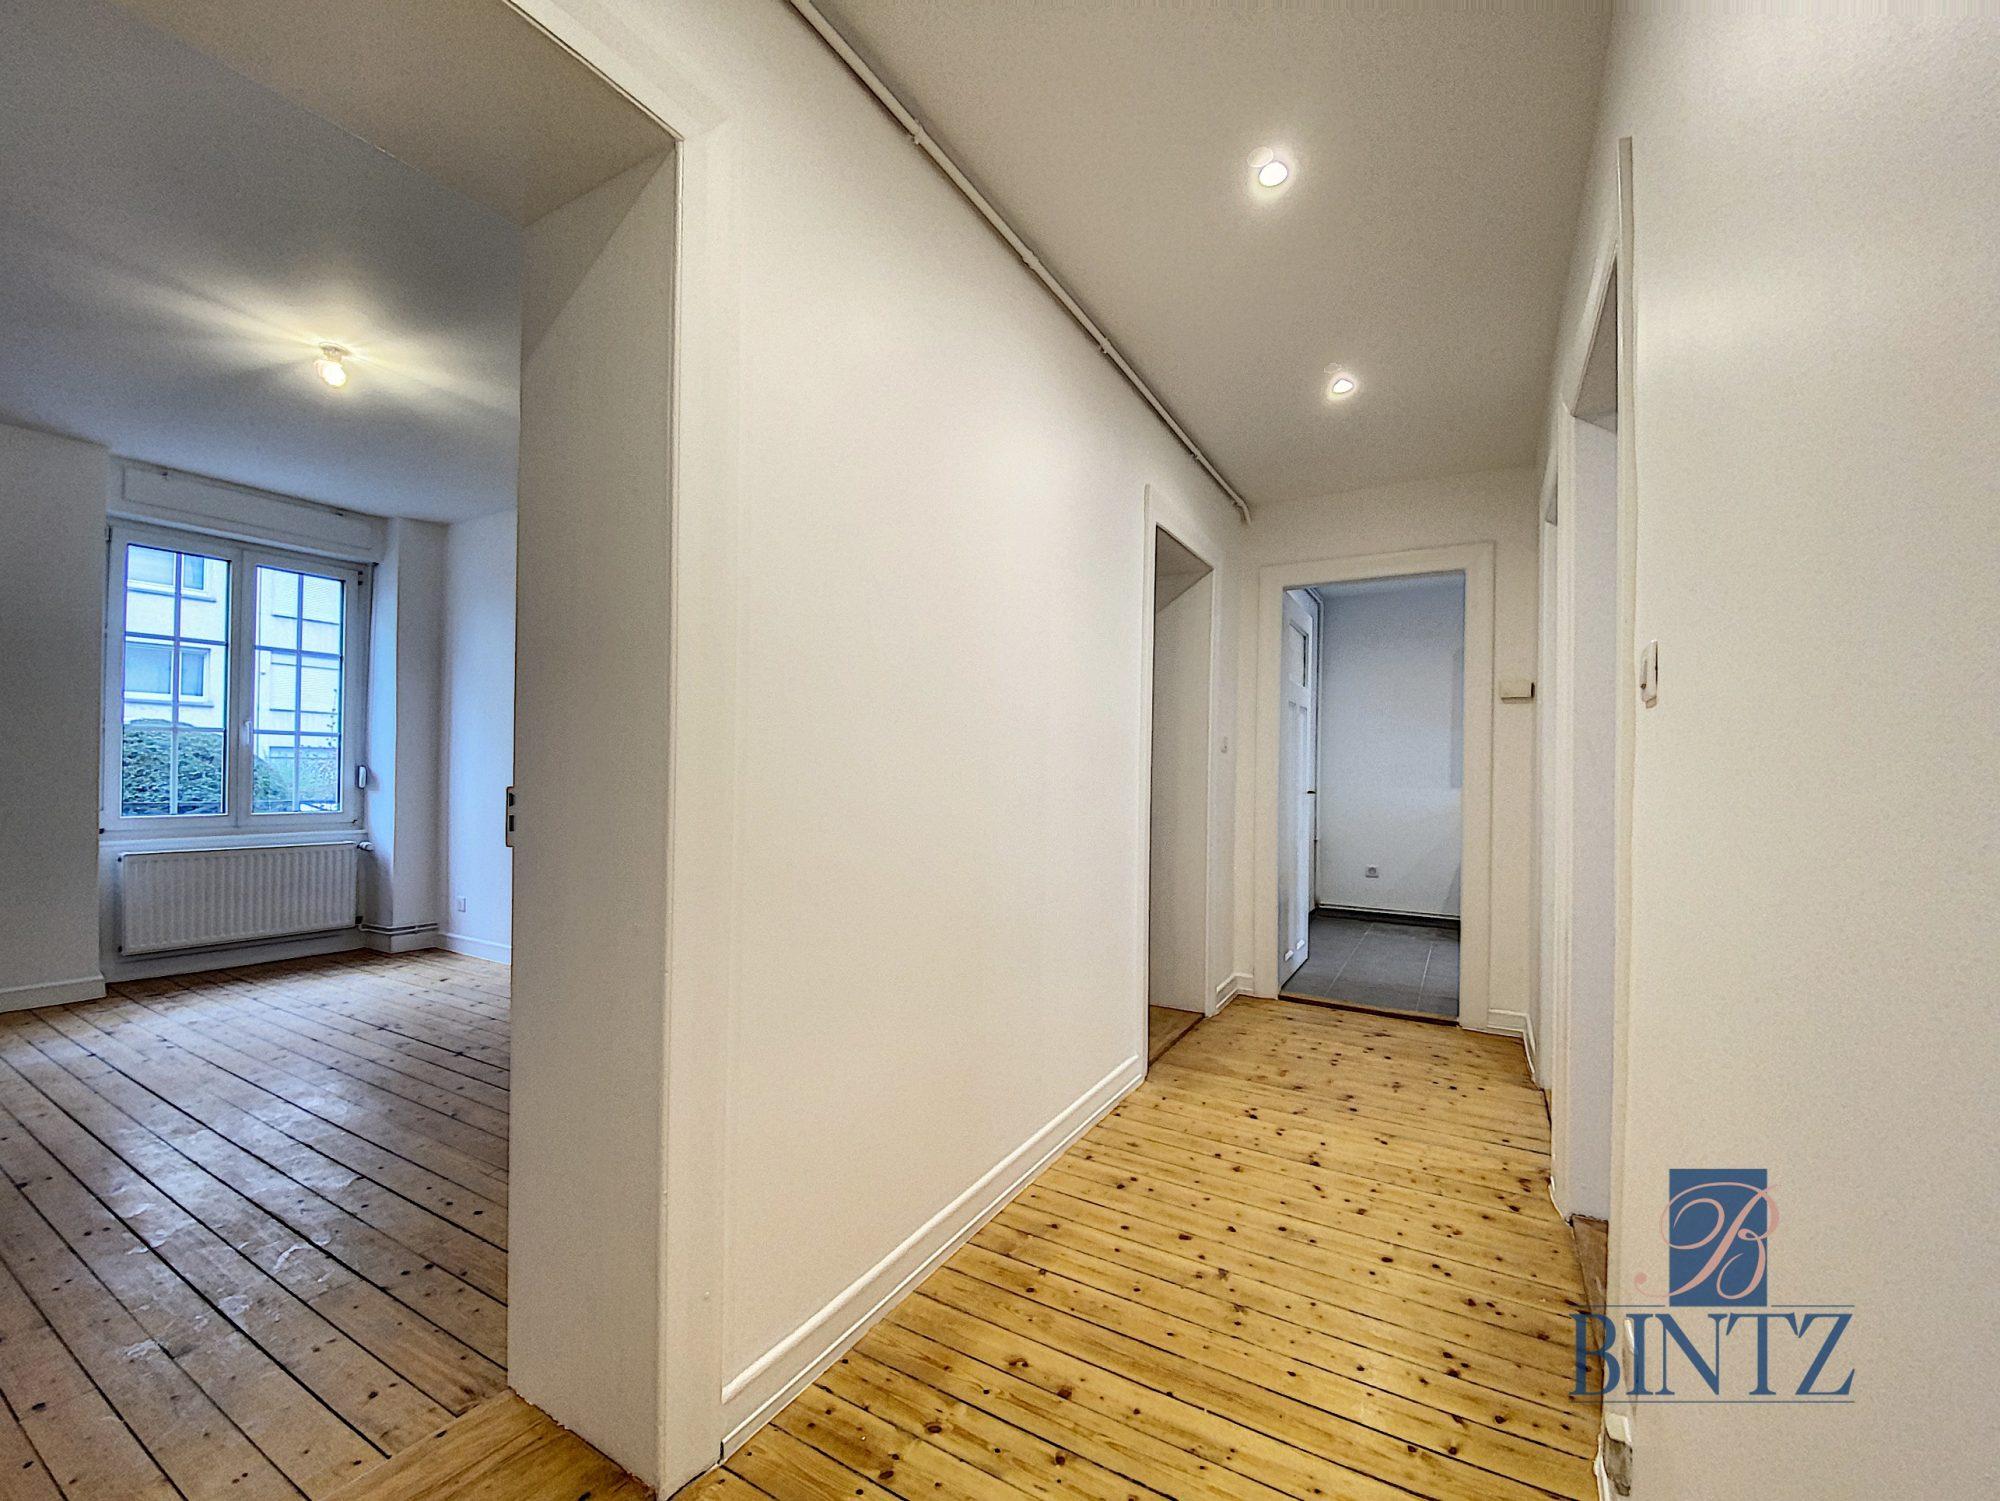 Appartement 3 pièces 69m2 dans le quartier des XV - Devenez propriétaire en toute confiance - Bintz Immobilier - 6